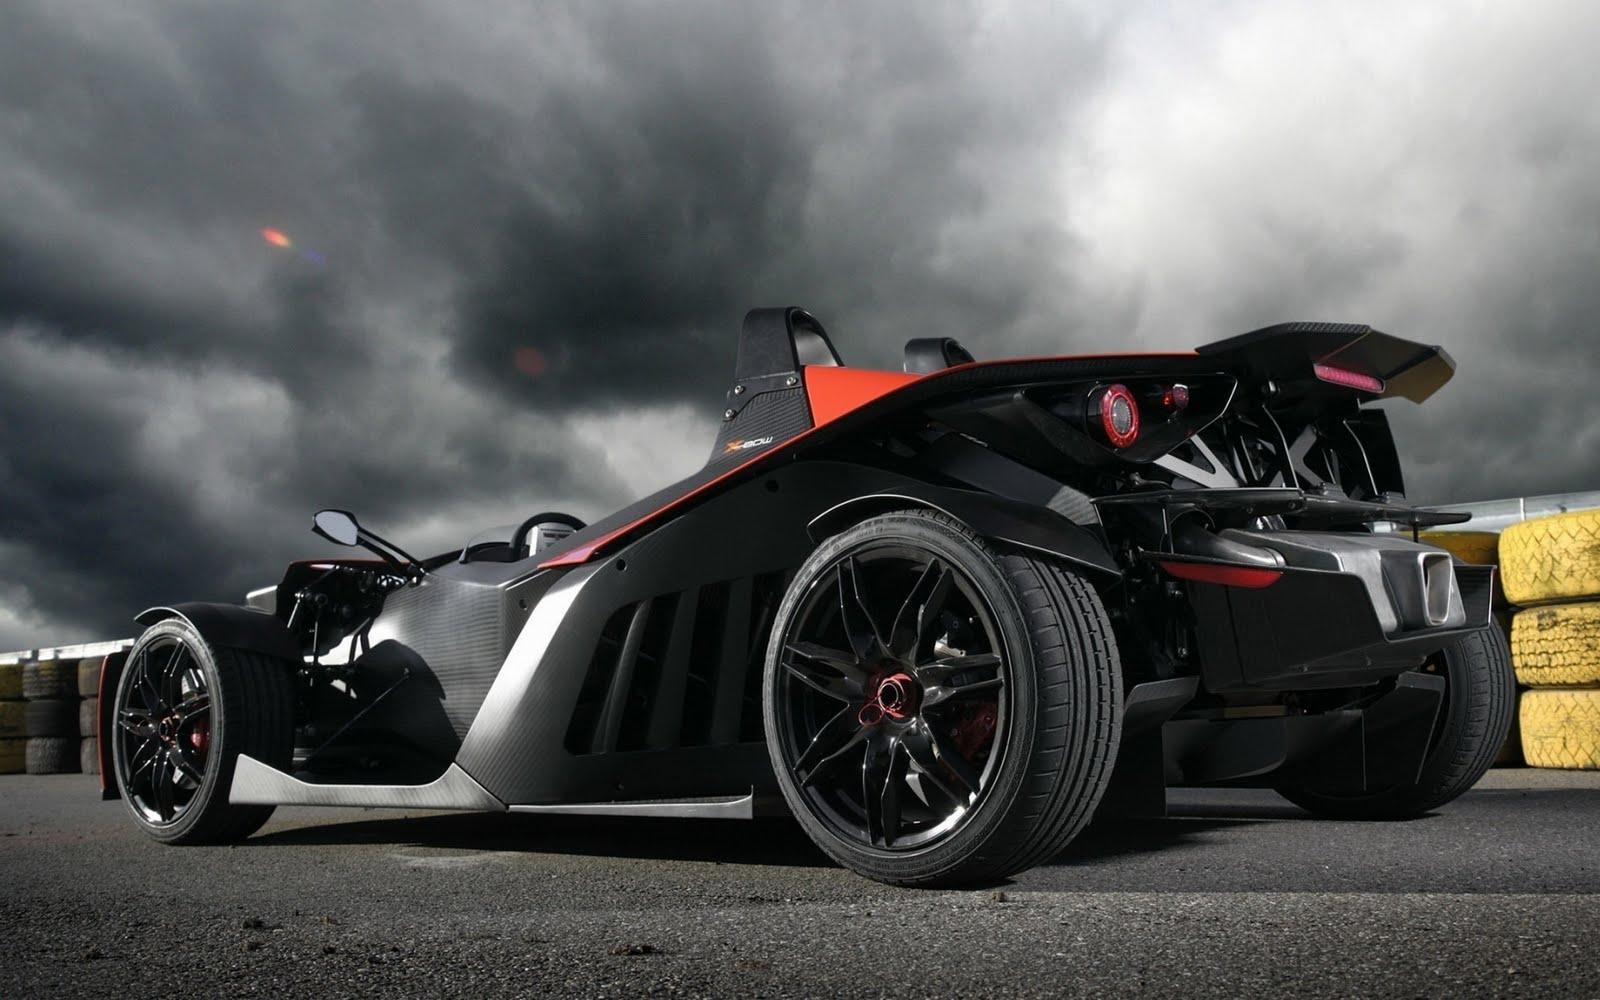 http://1.bp.blogspot.com/_aIrU_NInAww/S96hxu5CZPI/AAAAAAAAAJ8/o0jVTBZ2yxA/s1600/laba.ws_New_Cars_HD_%200021.jpg